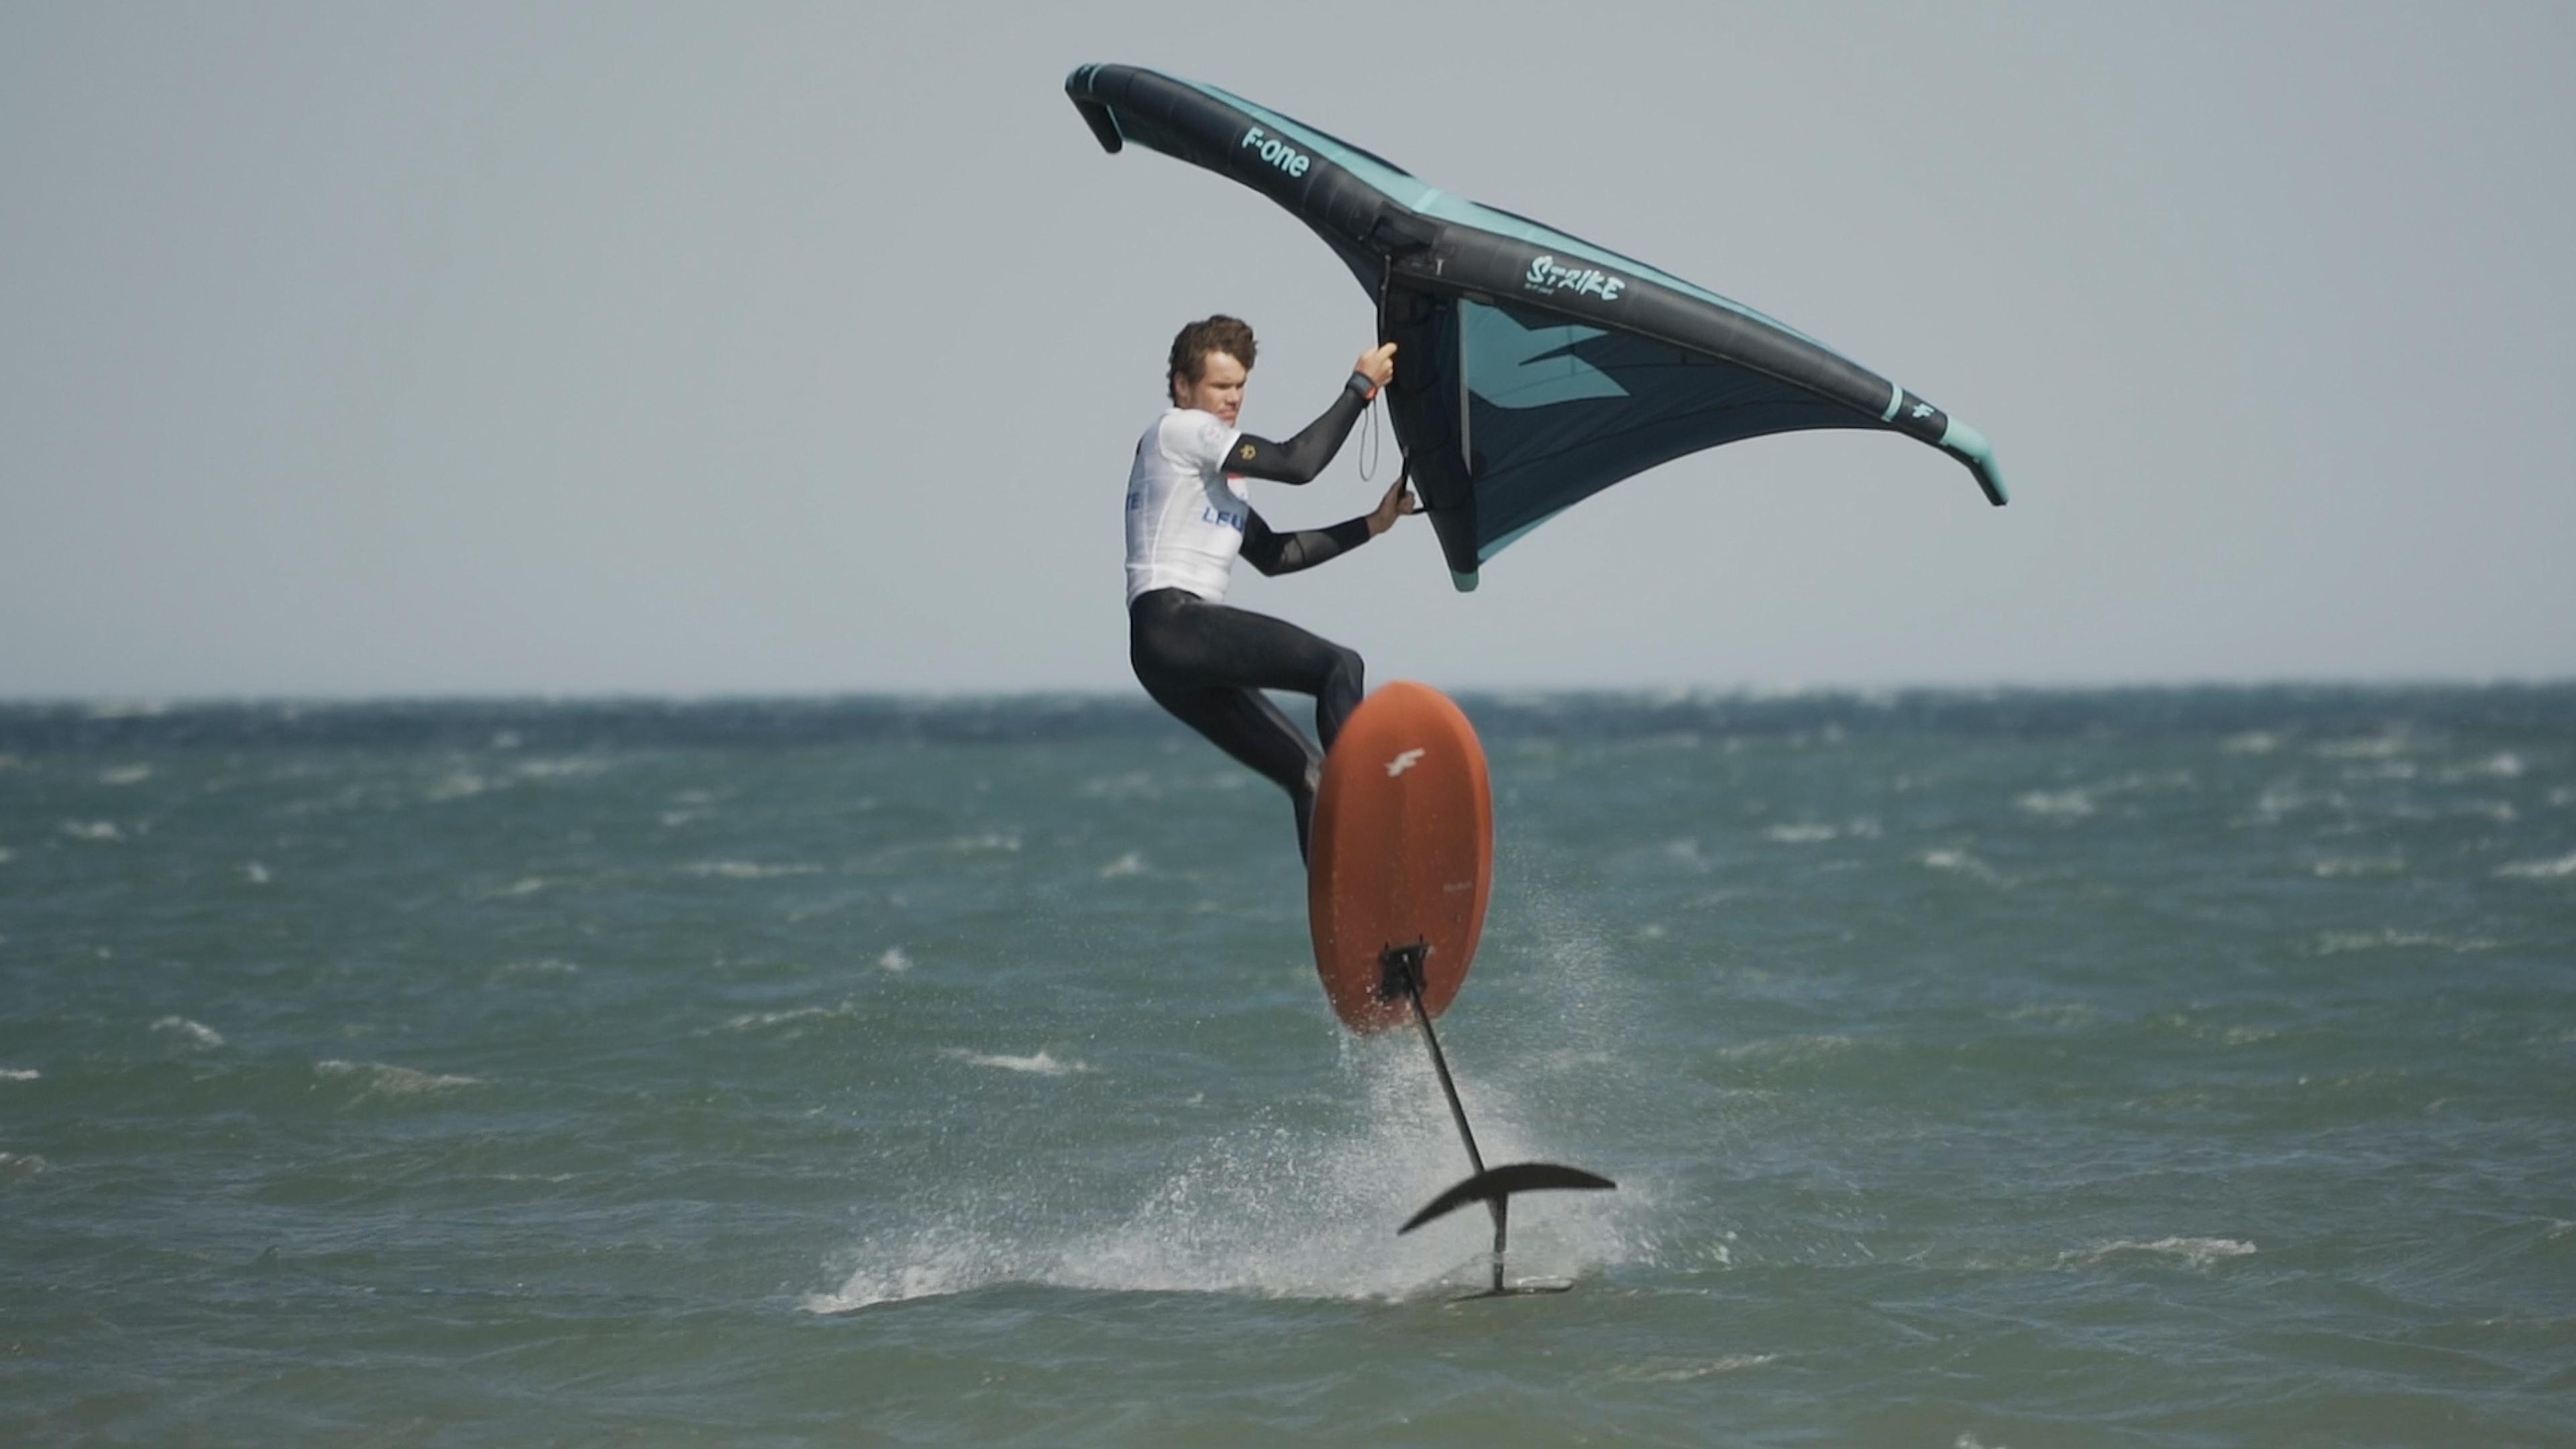 VIDÉO. Wingfoil : le nouveau sport de glisse au succès fulgurant